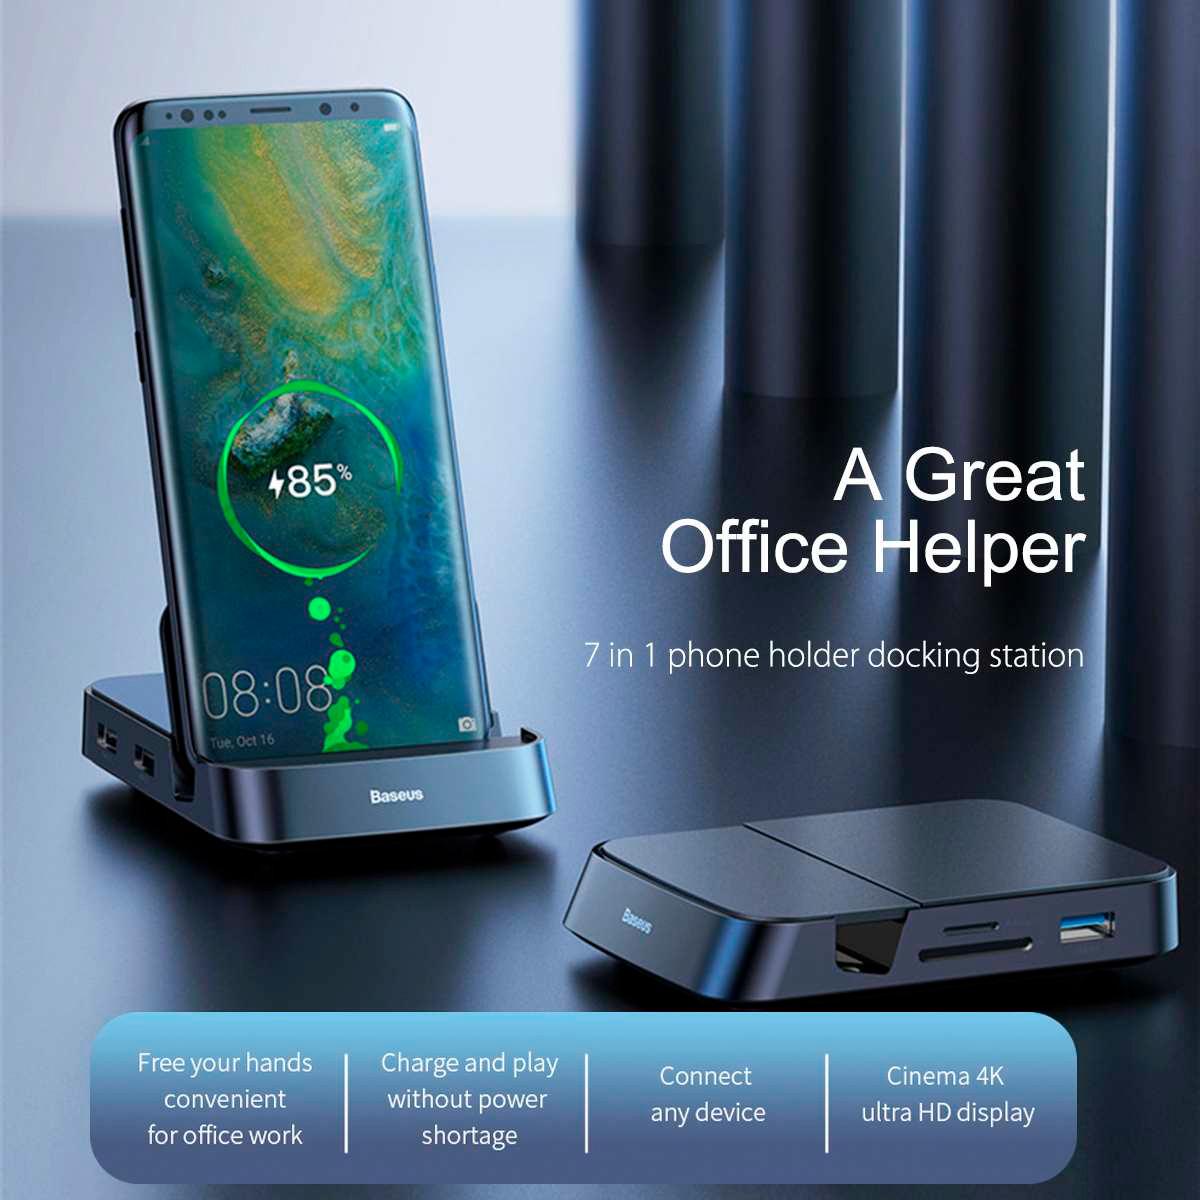 Ubah ponsel cerdas Anda menjadi PC dengan dukungan seluler ini sebesar 25 euro 3